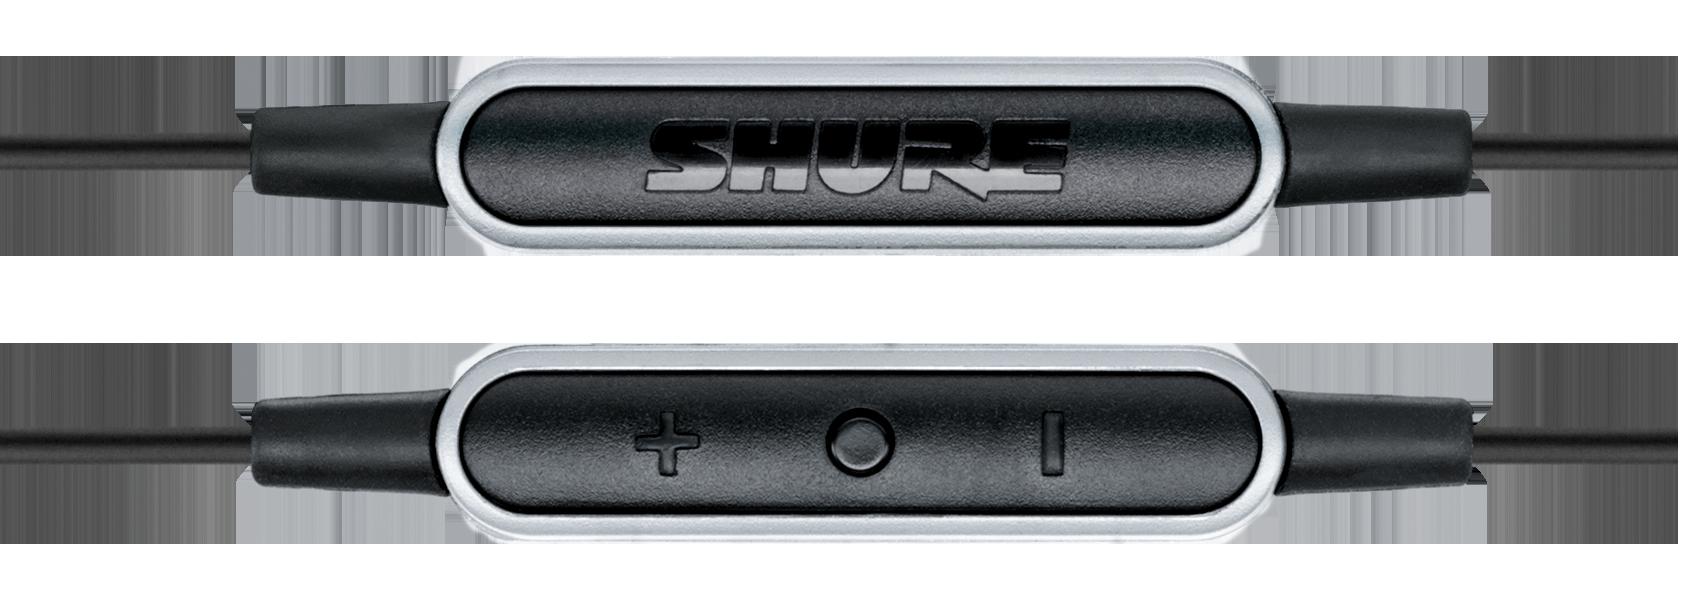 Immagine Shure SRH145M+ Cuffie portatili con controllo volume e chiamata + microfono